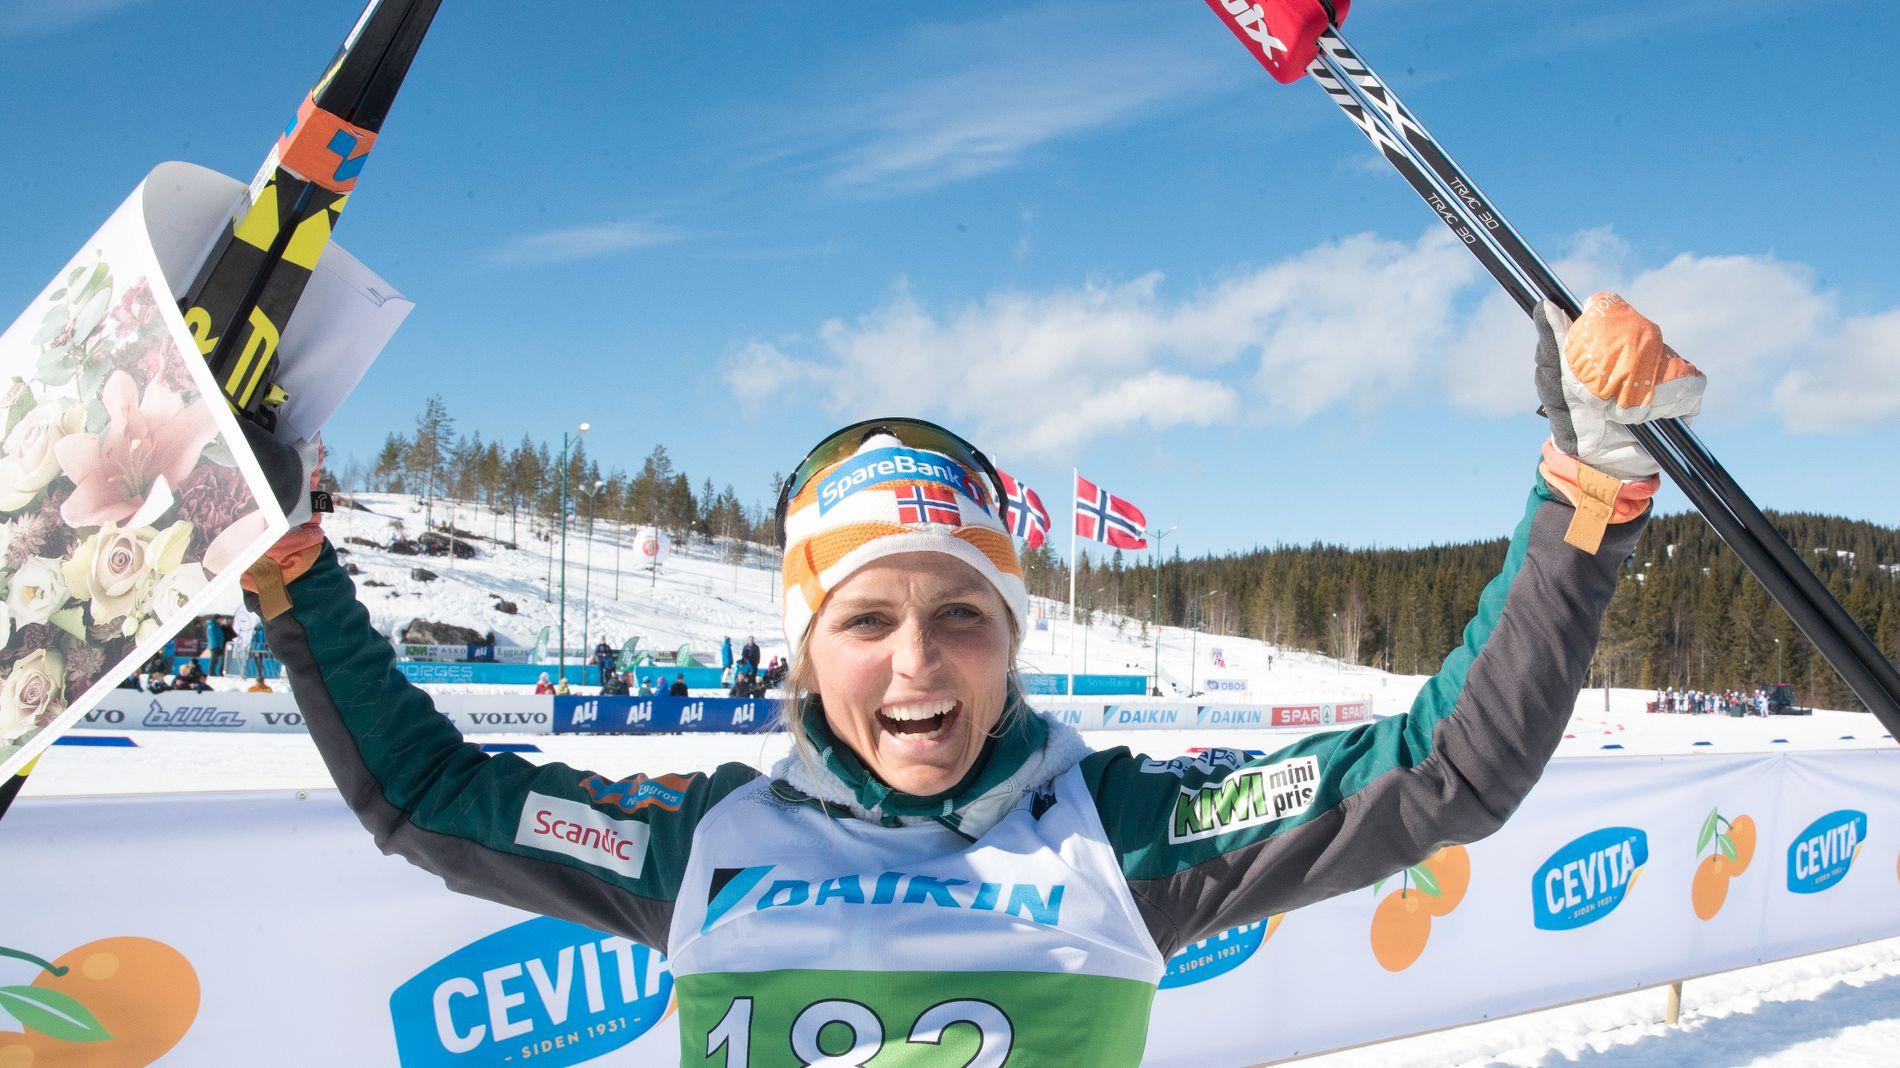 VANT IGJEN: Slik ble vi vant til å se Therese Johaug i hennes comebacksesong, 2018-19. Her er det seier på fem kilometer friteknikk under NM på Lygna som feires.